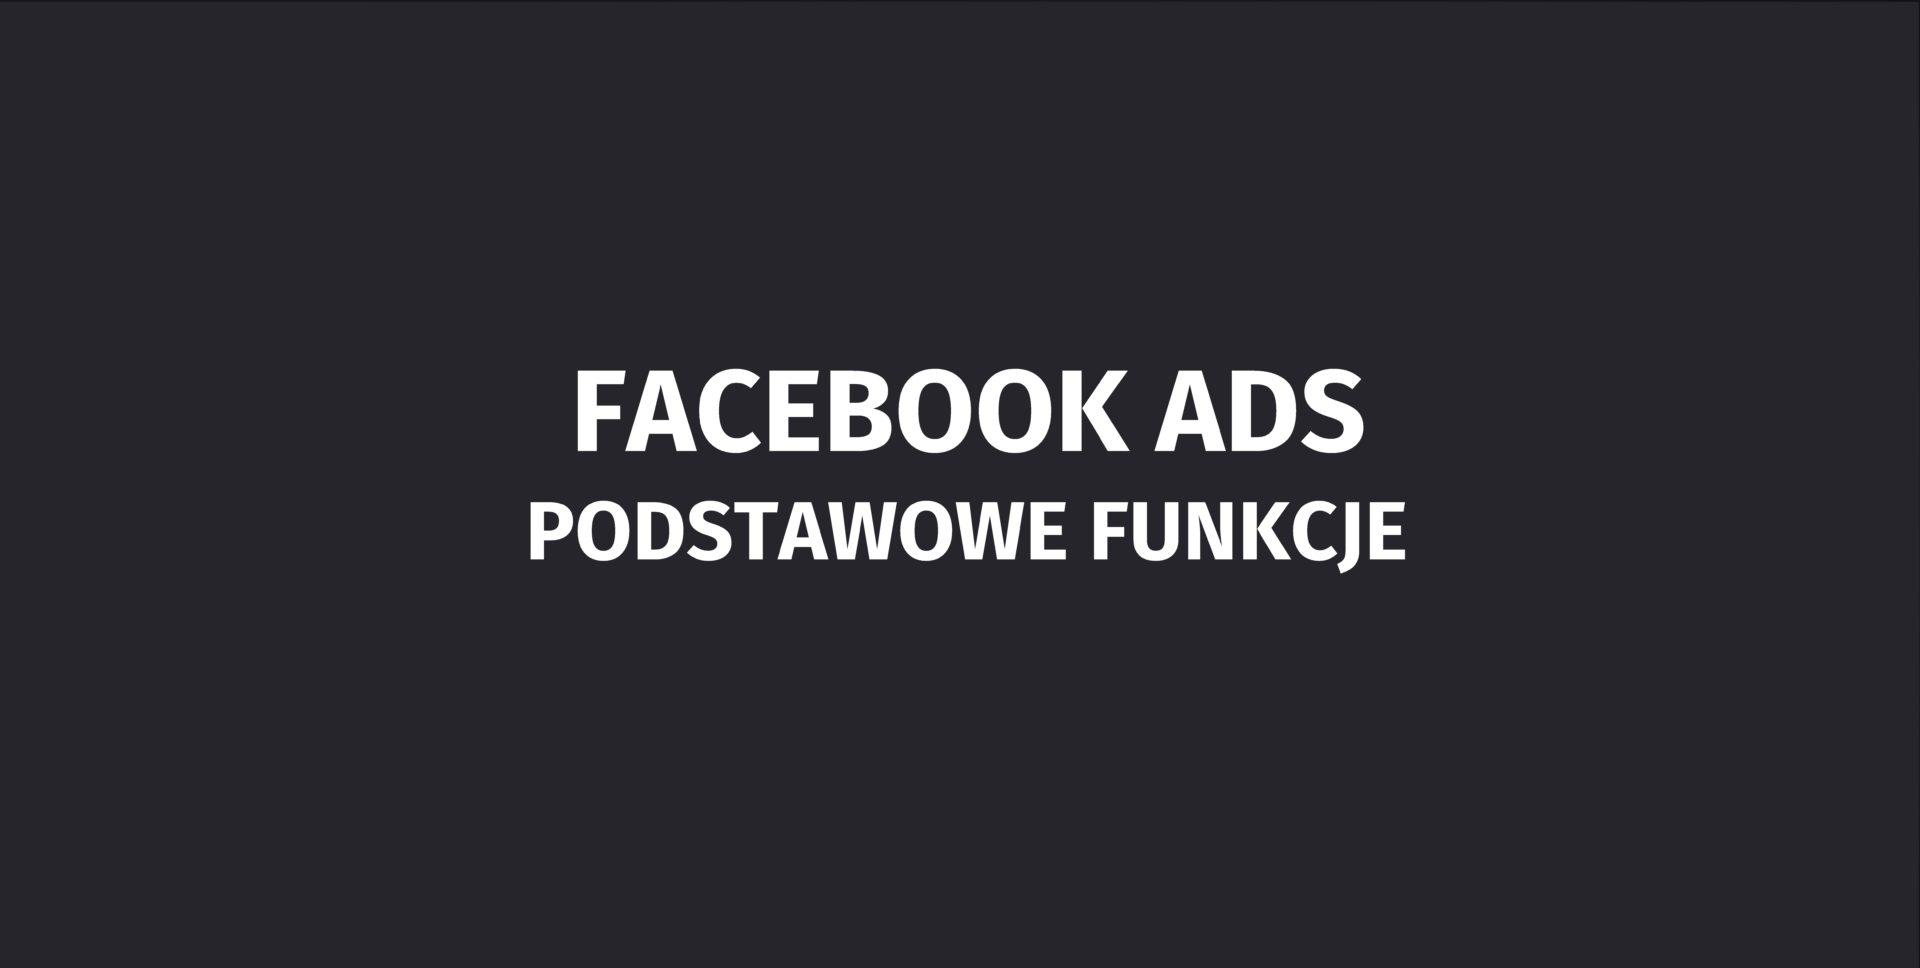 podstawowe funkcje facebook ads